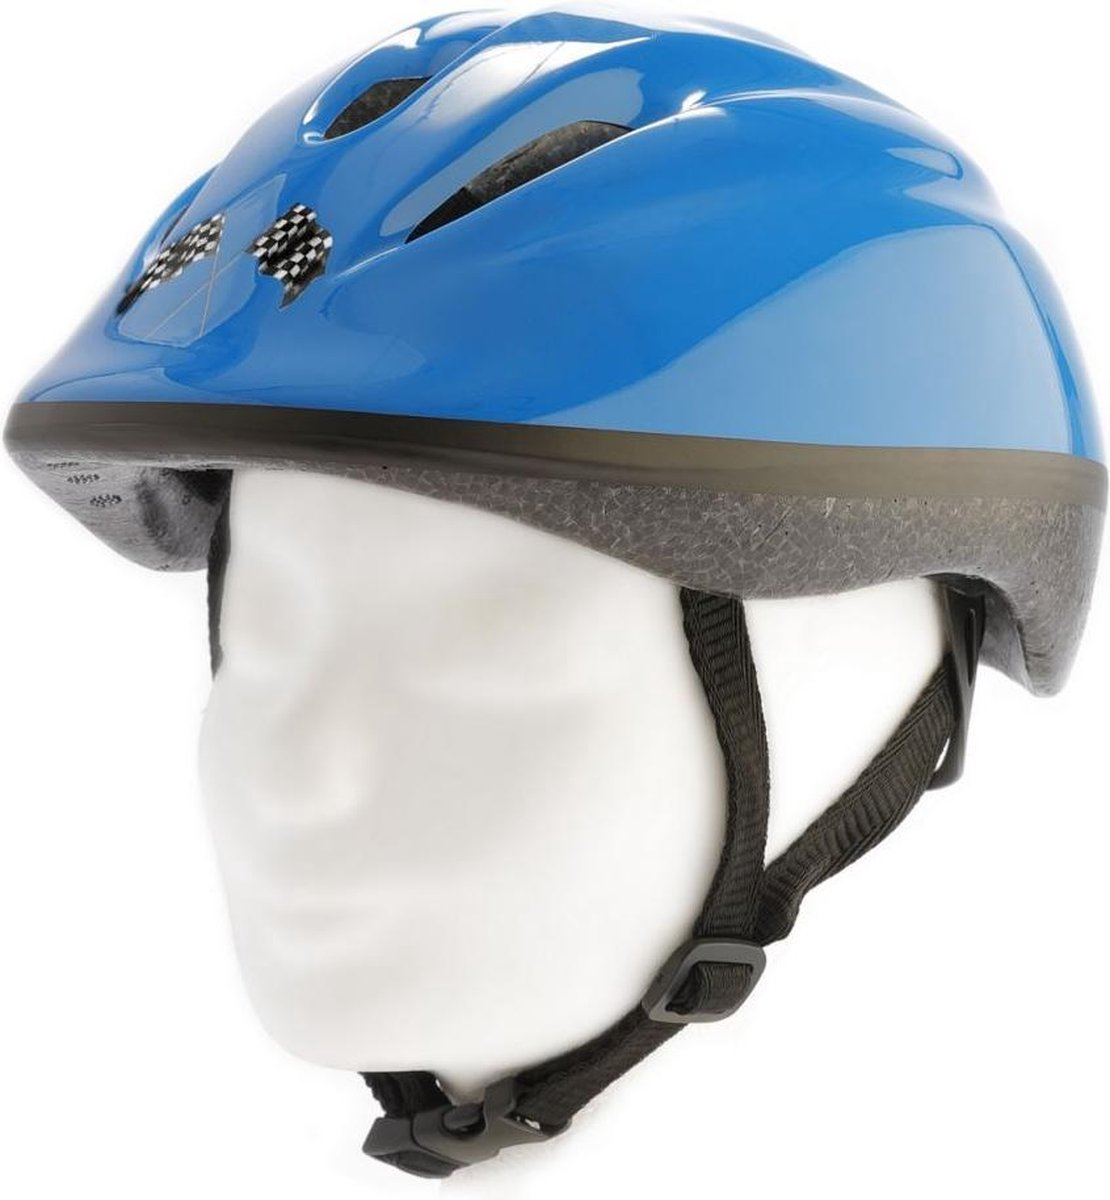 Pexkids fiets helm junior Car maat 52/56 cm kleur blauw